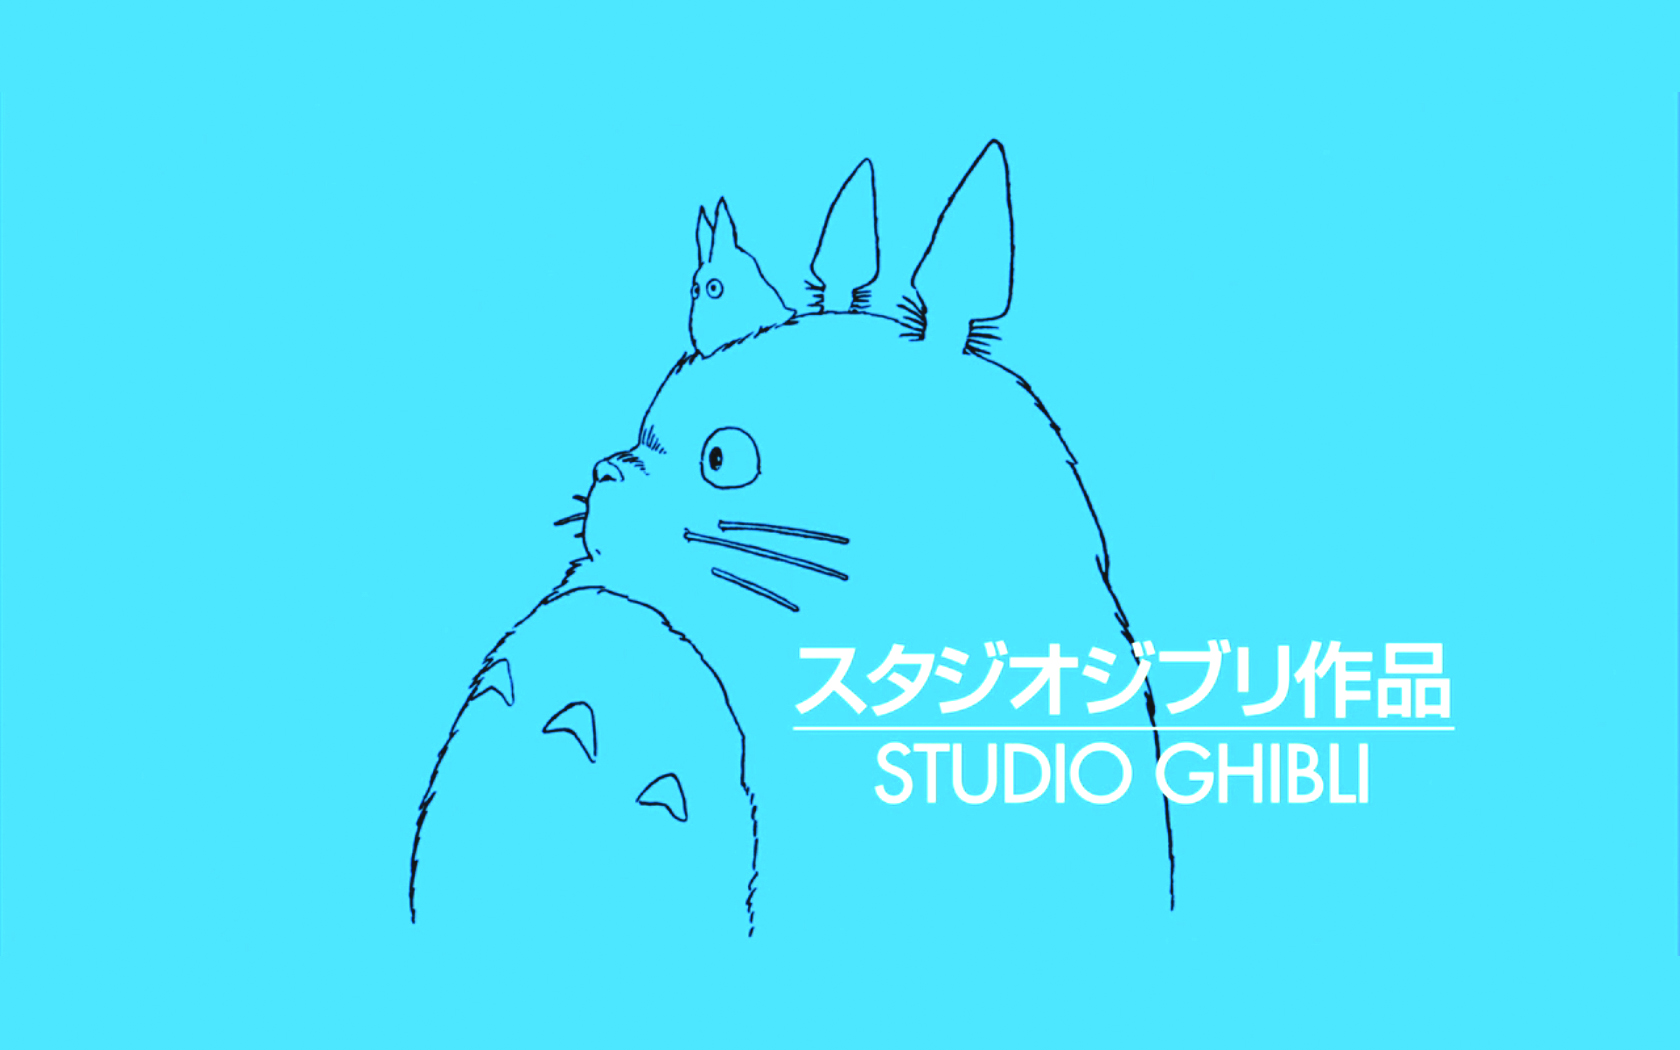 Ghibli Logo